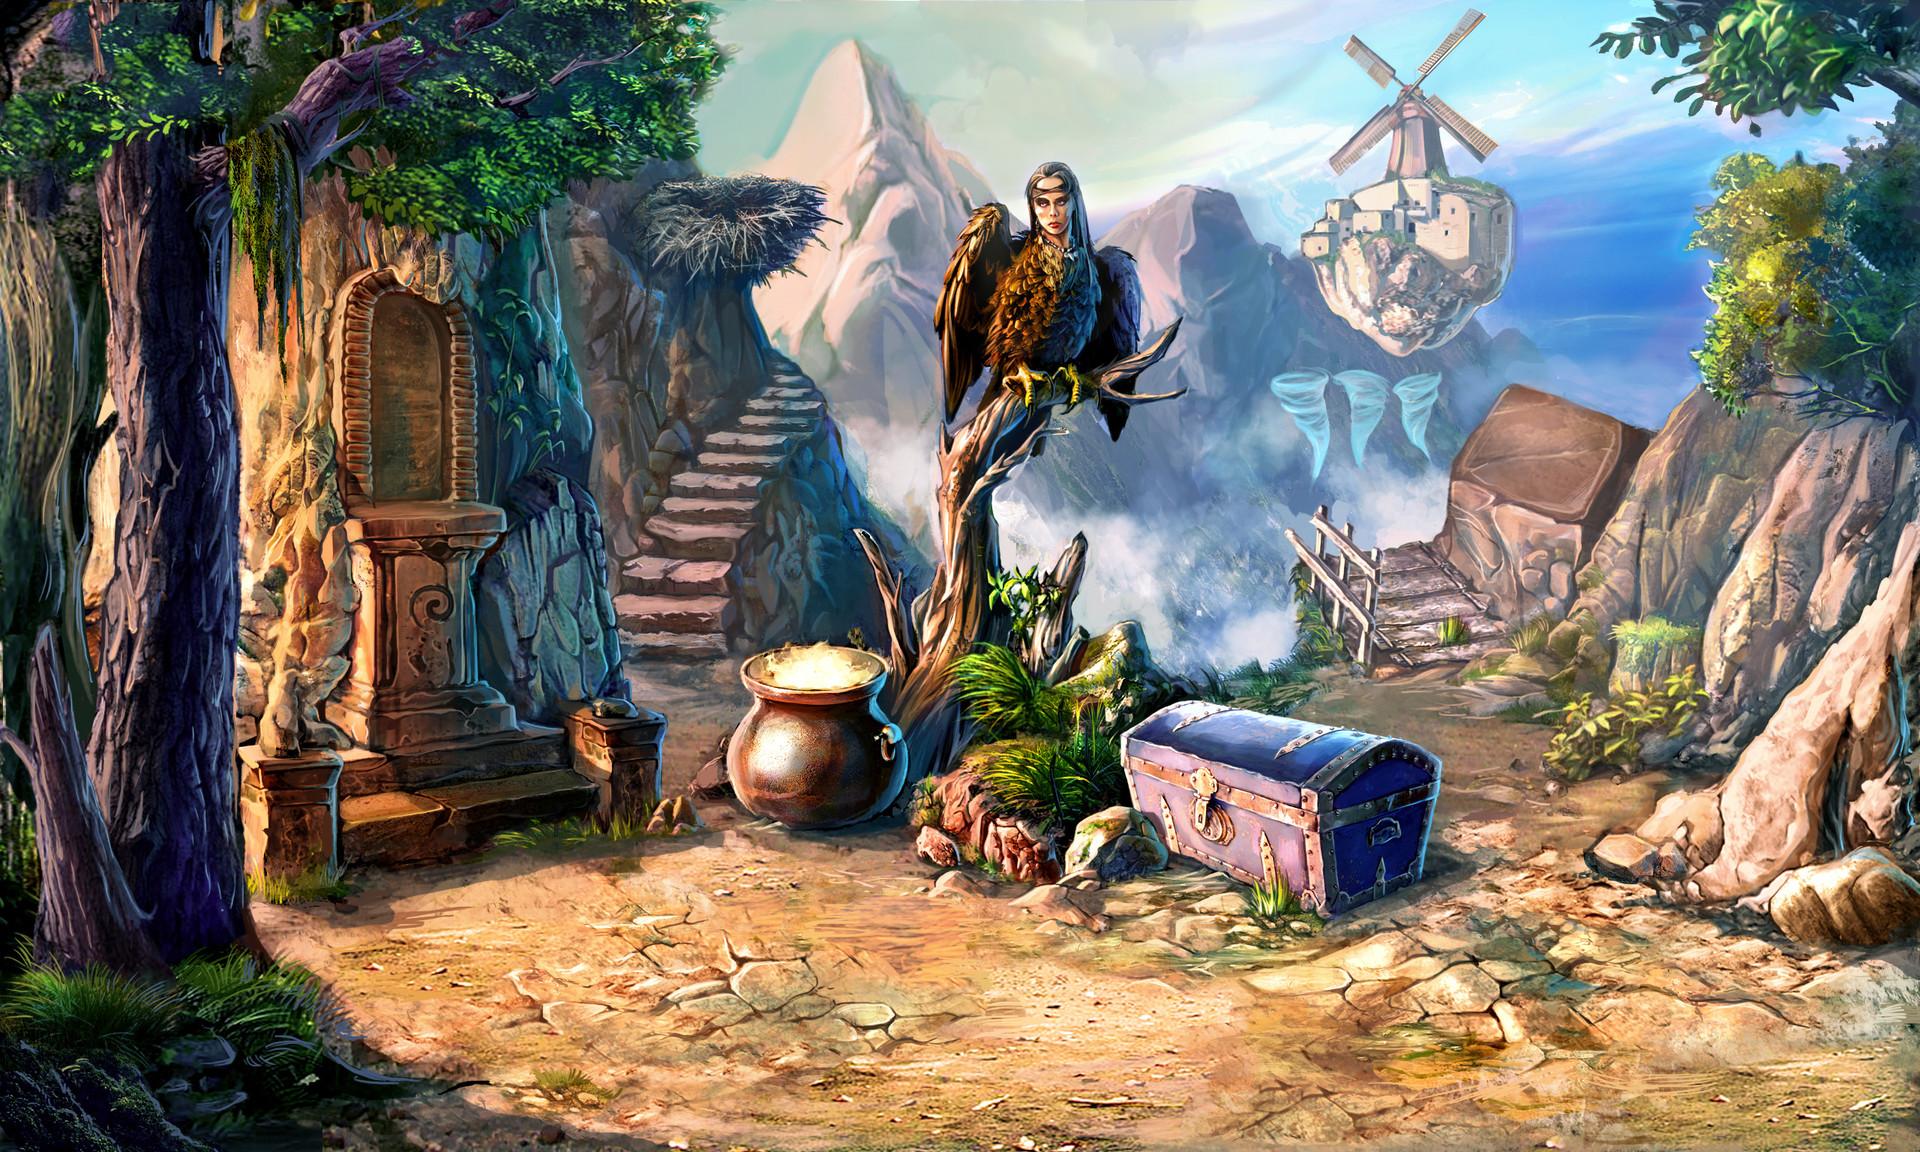 фото картинки локации для игр как хейтеры